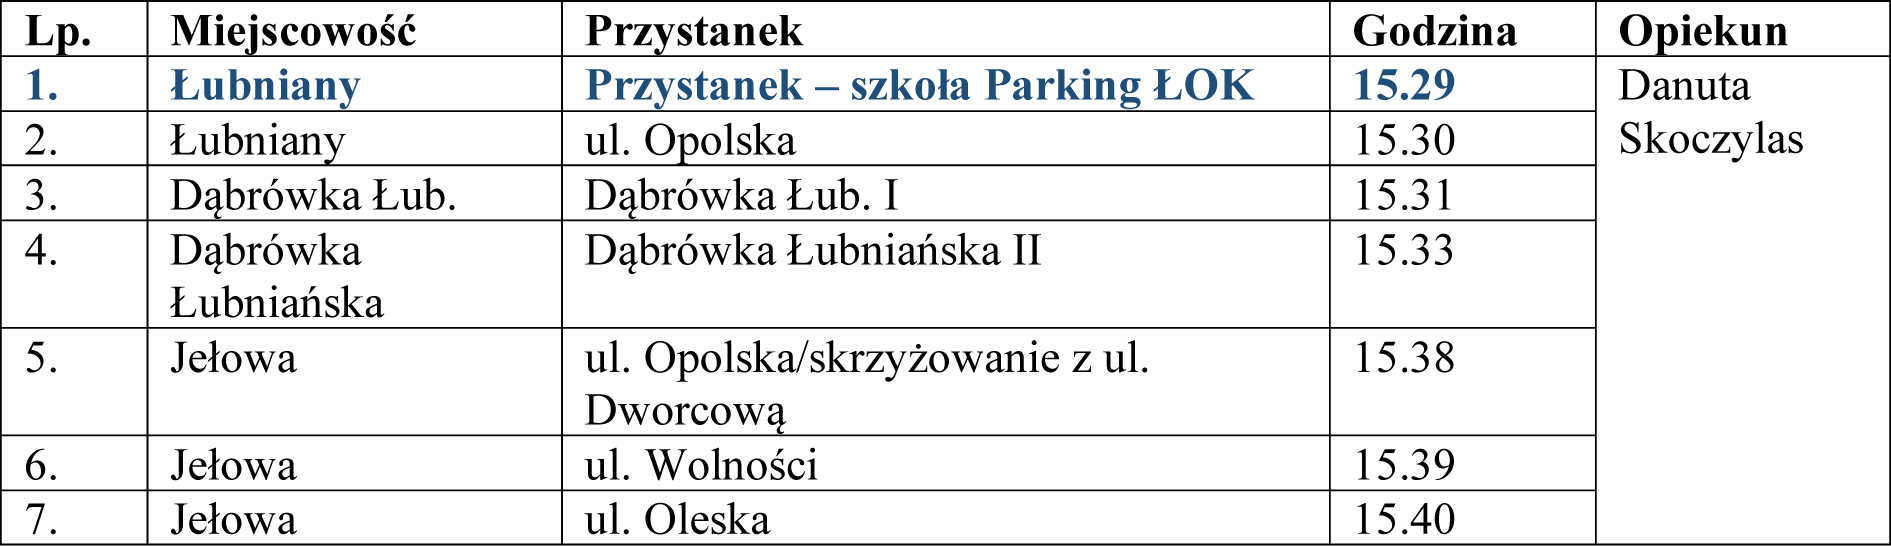 tabela odwozów 2